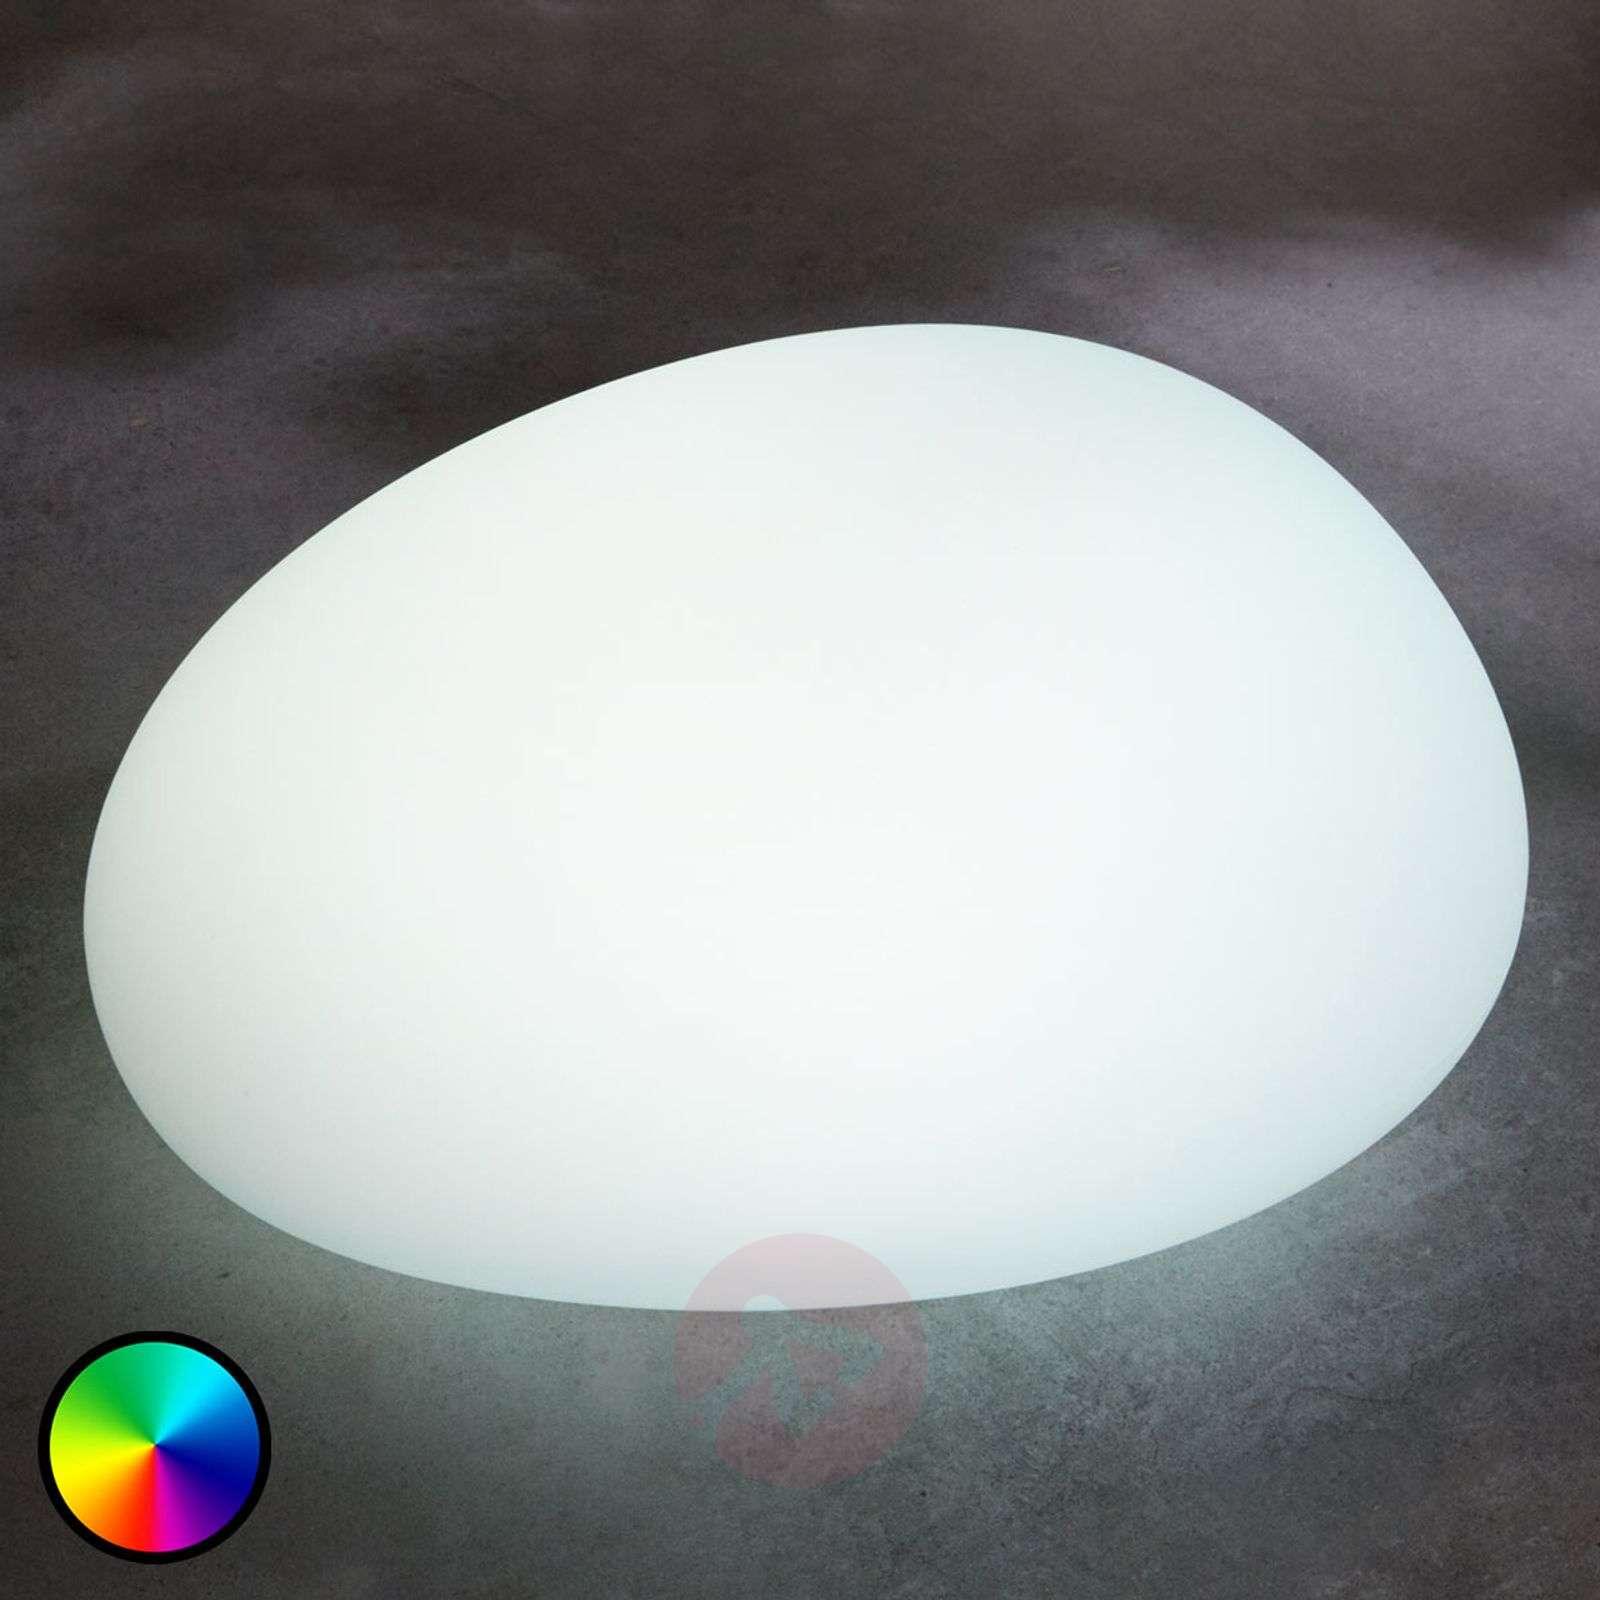 Aurinkokäyttöinen RGB-LED-lamppu Floriana, 22 cm-6729008-01